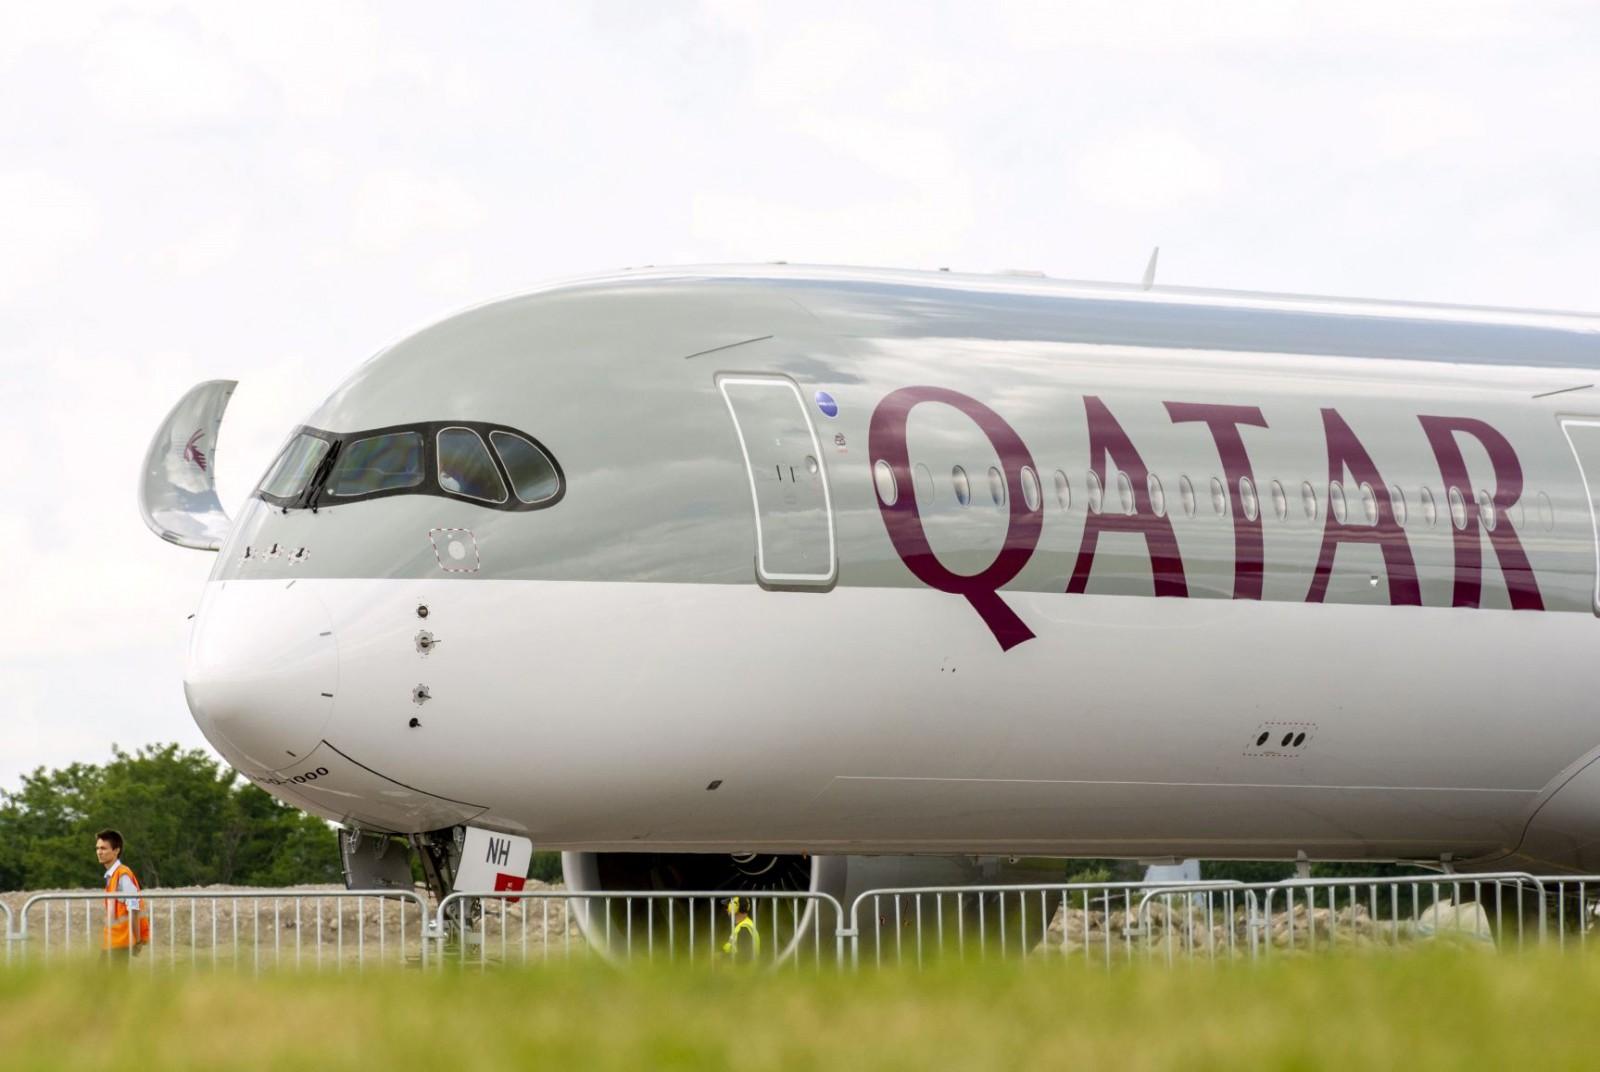 パリ(CDG)から東京(NRT)までのカタール航空(QR)ビジネスクラス片道を特典航空券で効率的に予約するには